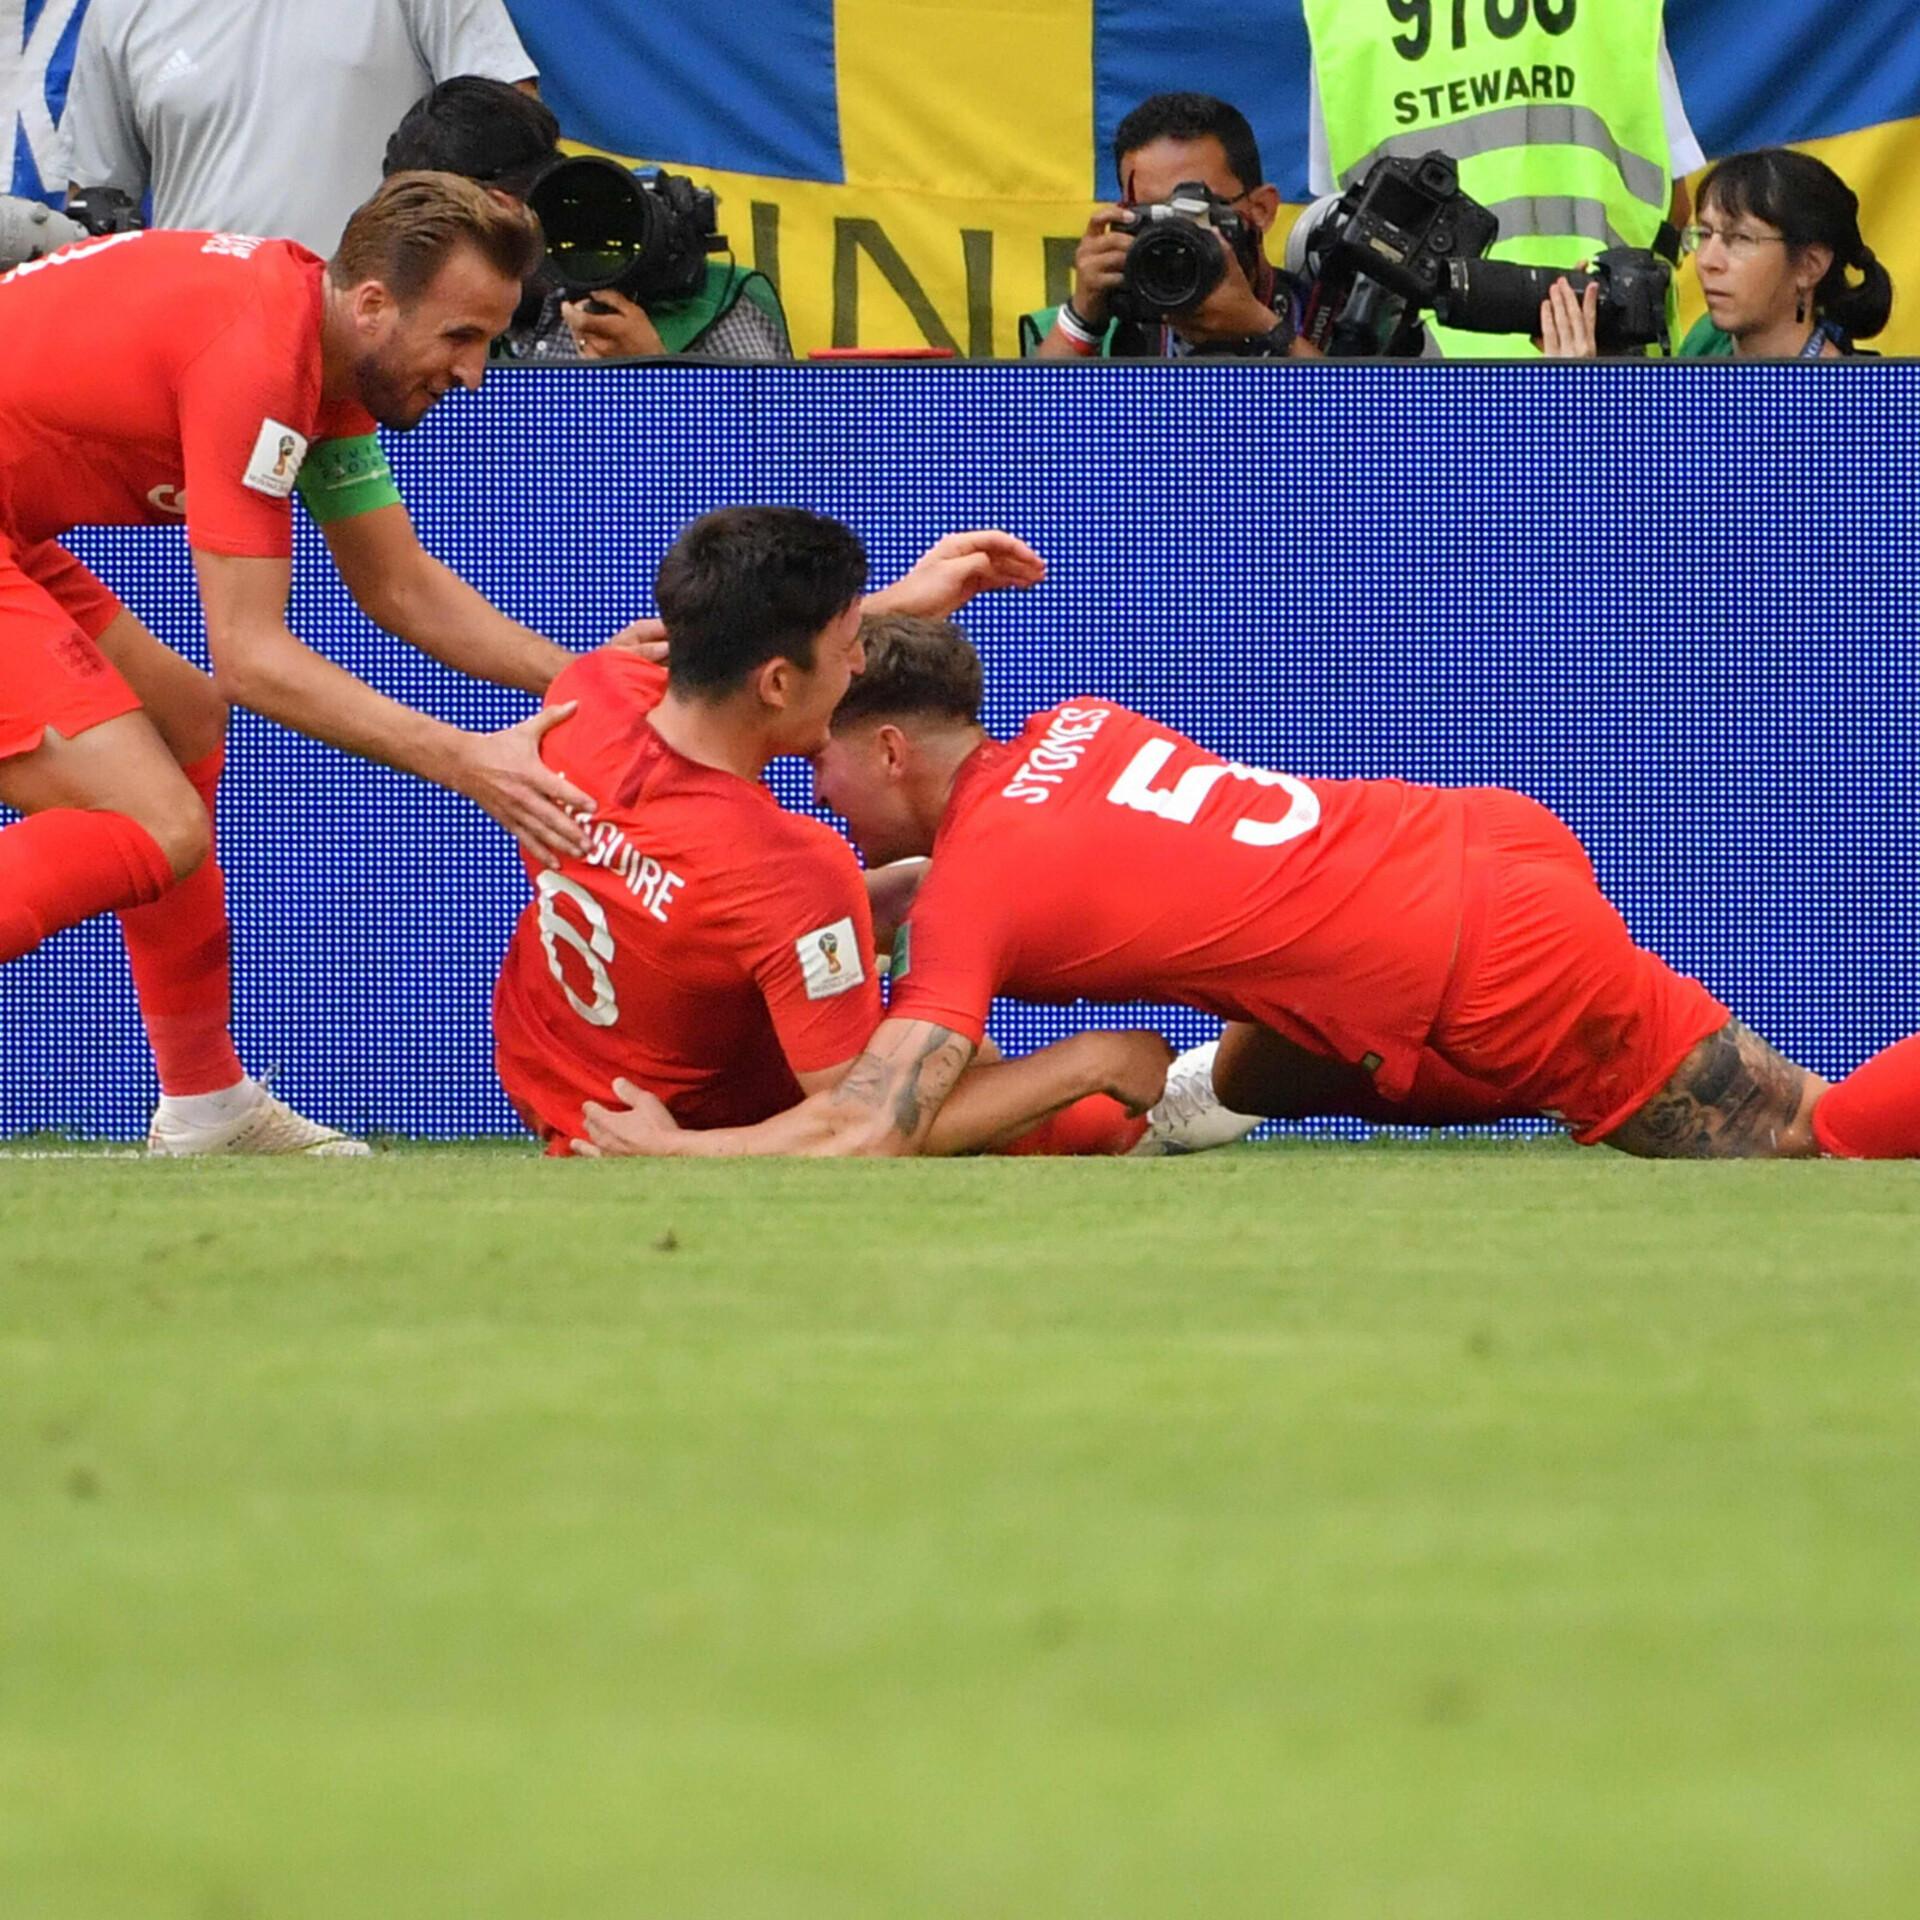 a5945fadb5d Inglismaa pääses 28-aastase pausi järel MM-il taas nelja hulka   Jalgpalli  MM   ERR